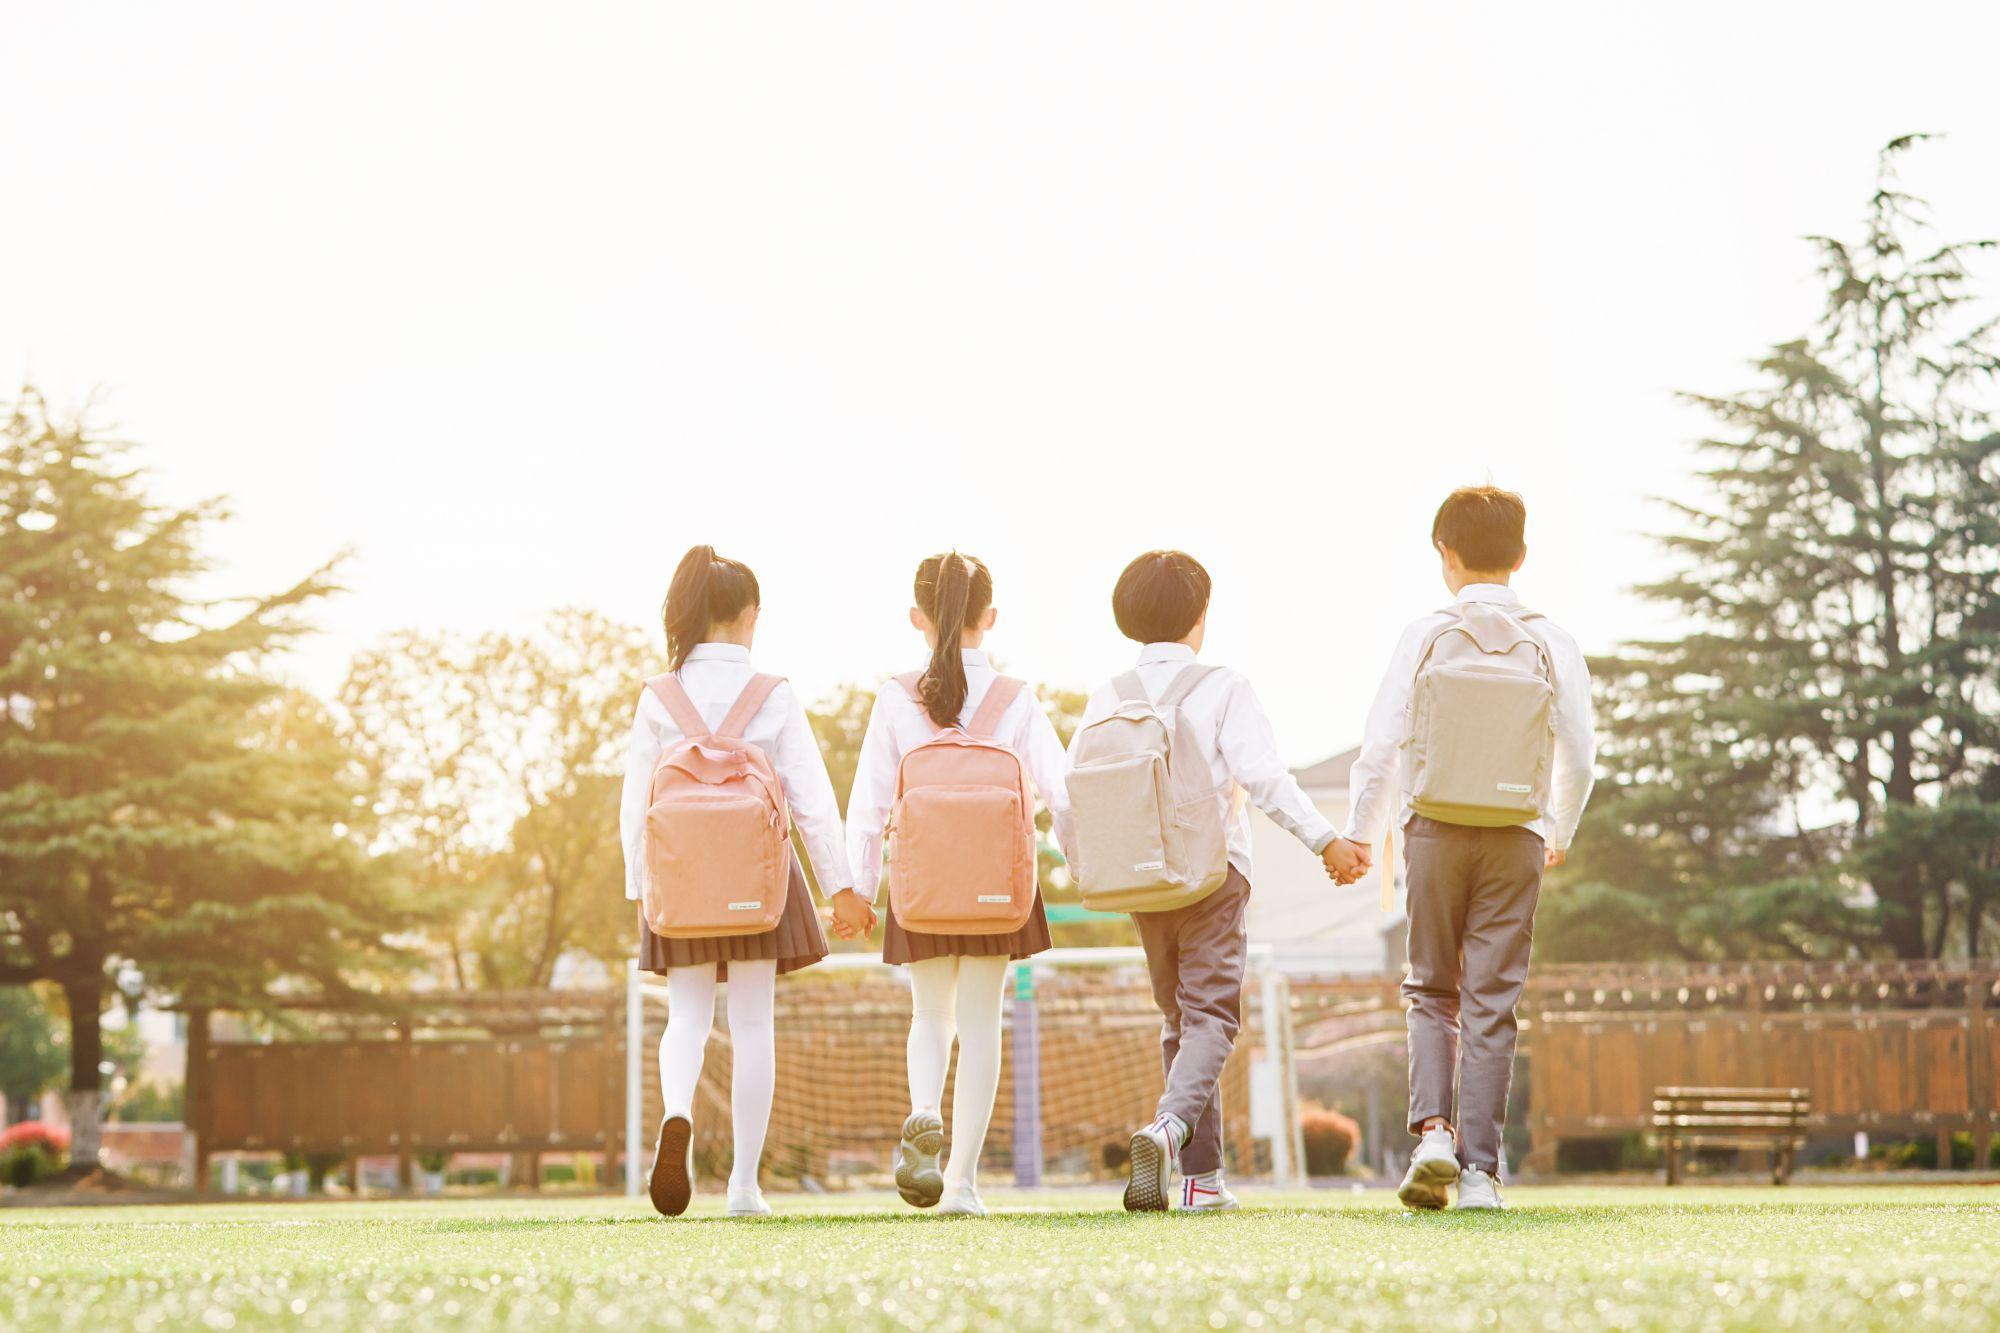 12部門發布兒童青少年心理健康行動方案 六大行動為少兒心理健康護航